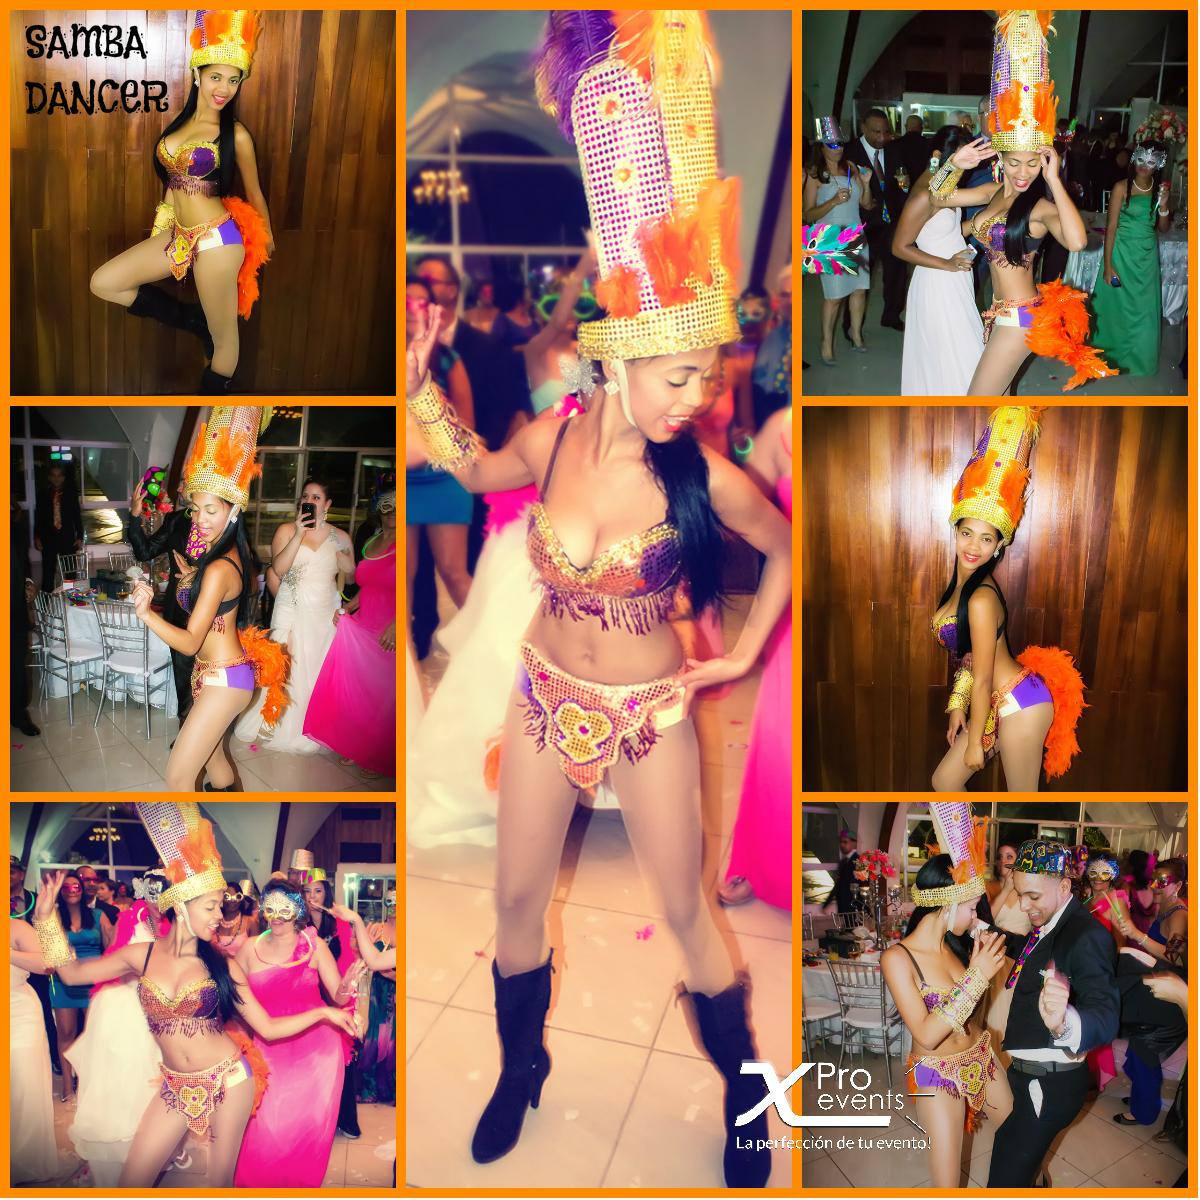 www.Xproevents.com - Hora loca con nuestras sexys bailarinas de Samba.jpg